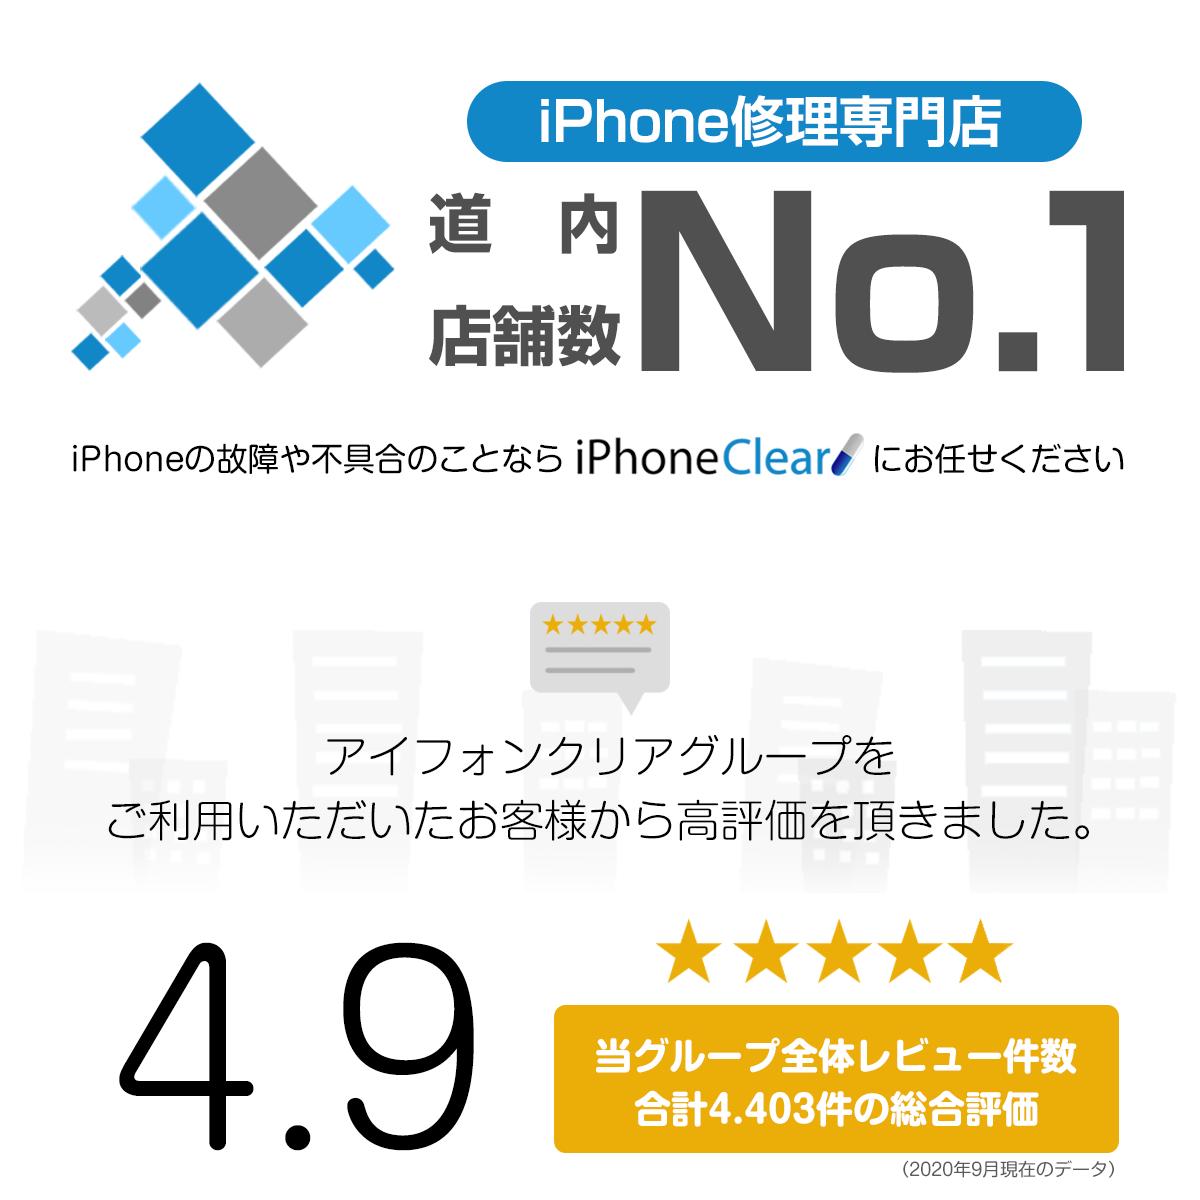 アイフォンの故障のことなら北海道内店舗数NO.1のアイフォンクリアグループへ